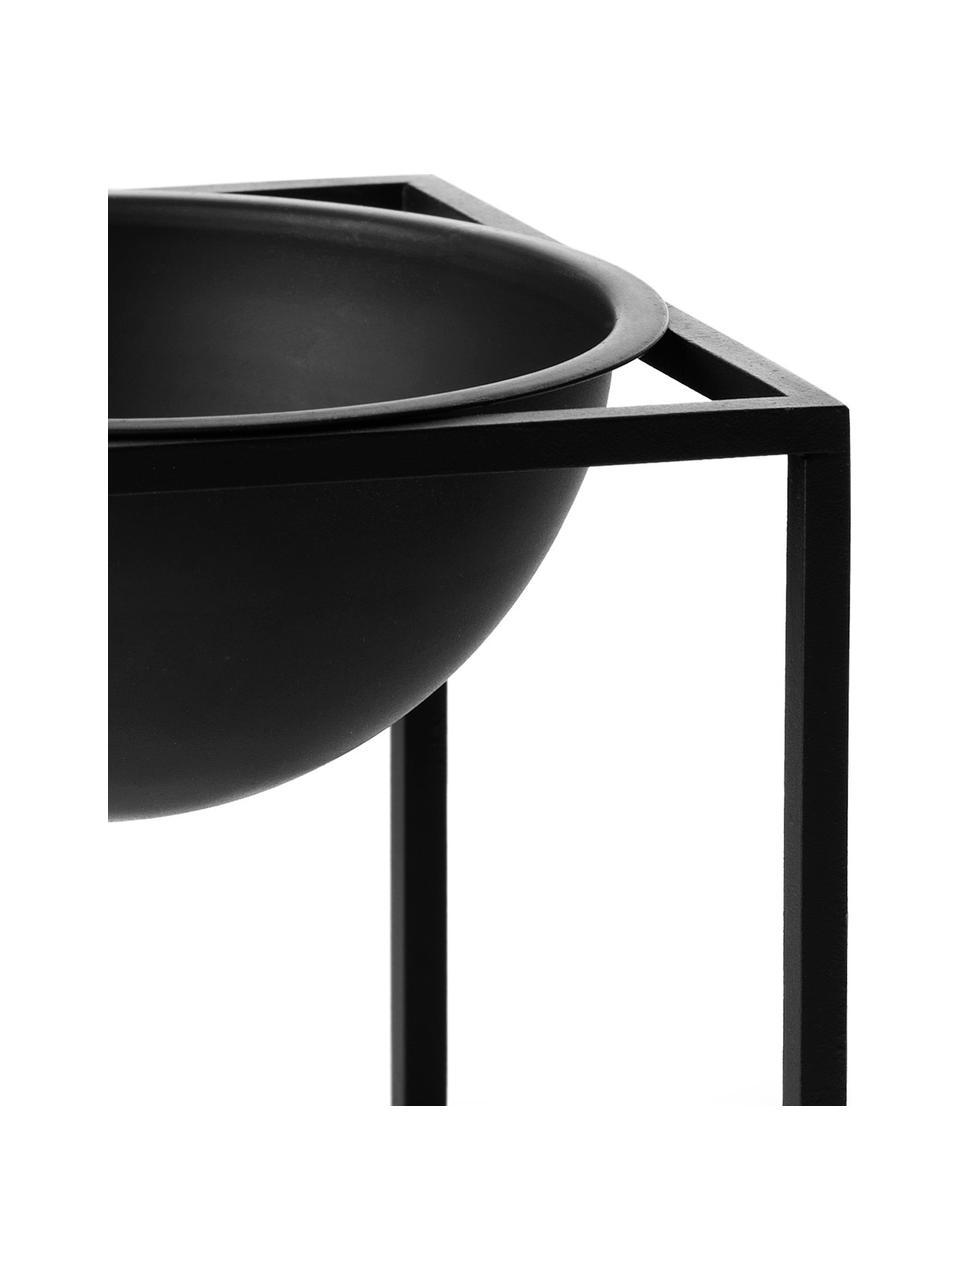 Ciotola Kubus, Acciaio verniciato, Nero, L 14 x A 14 cm